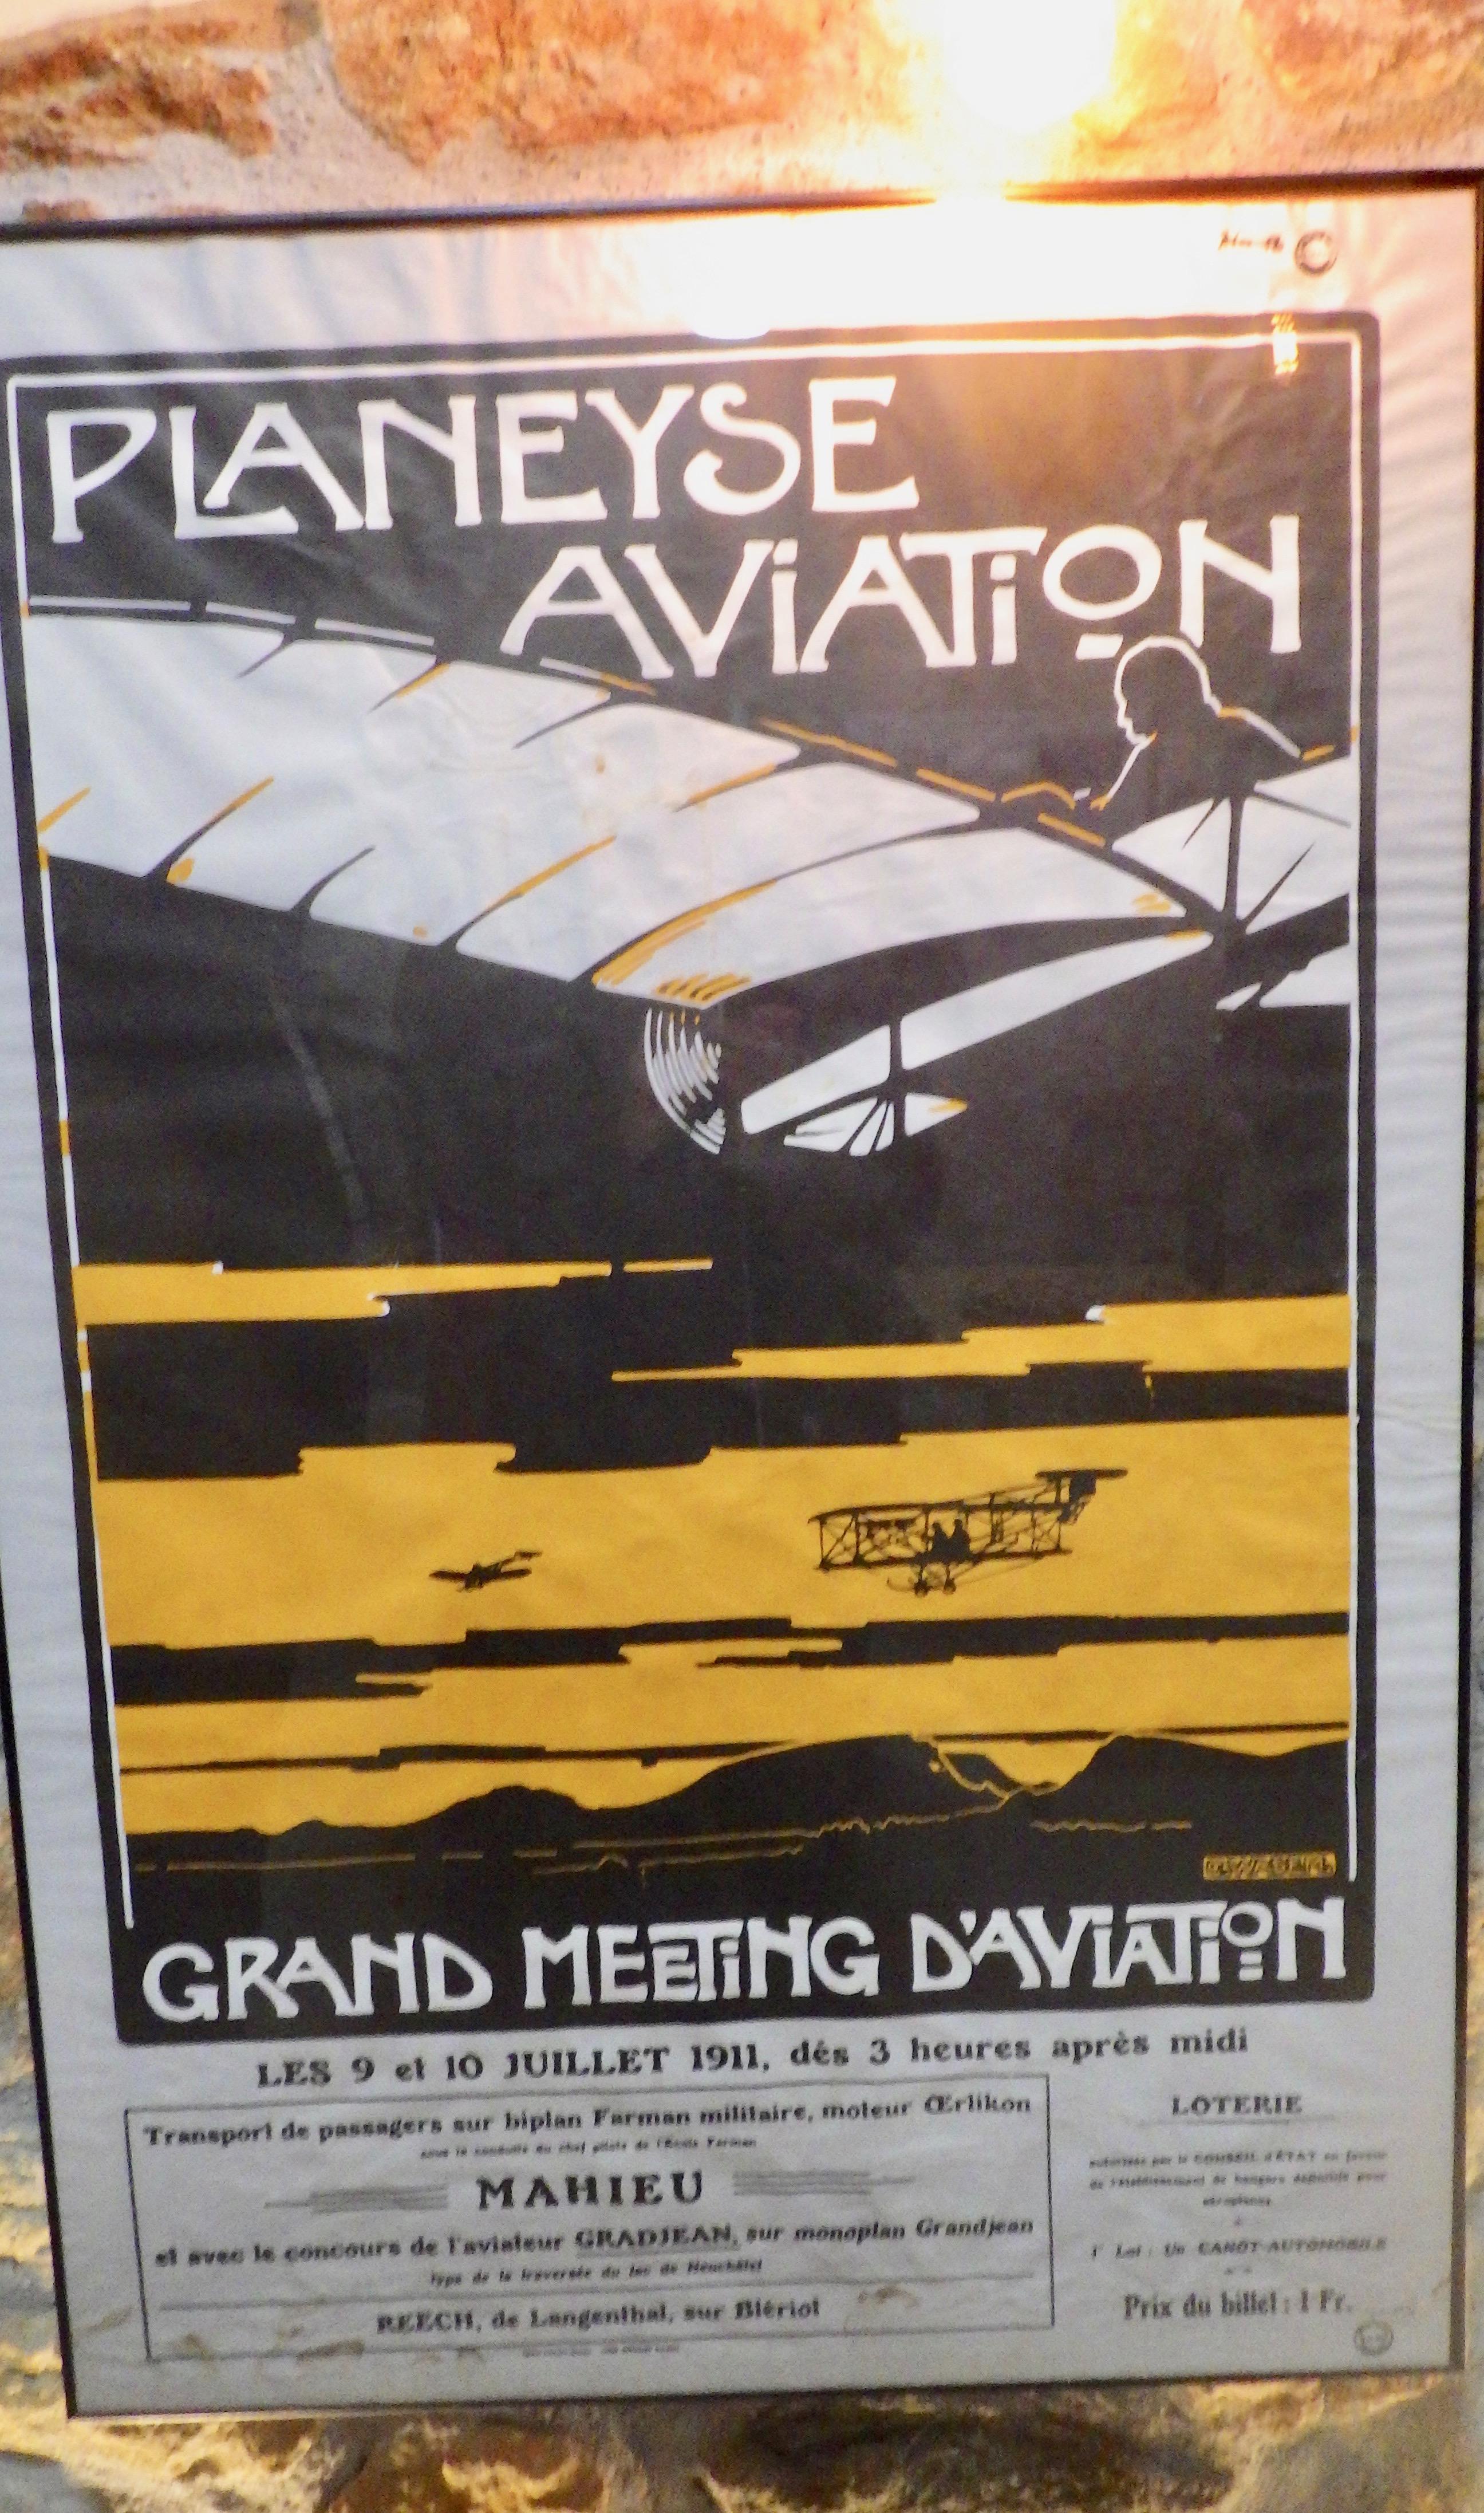 Affiche du Meeting d'aviation de Planeyse